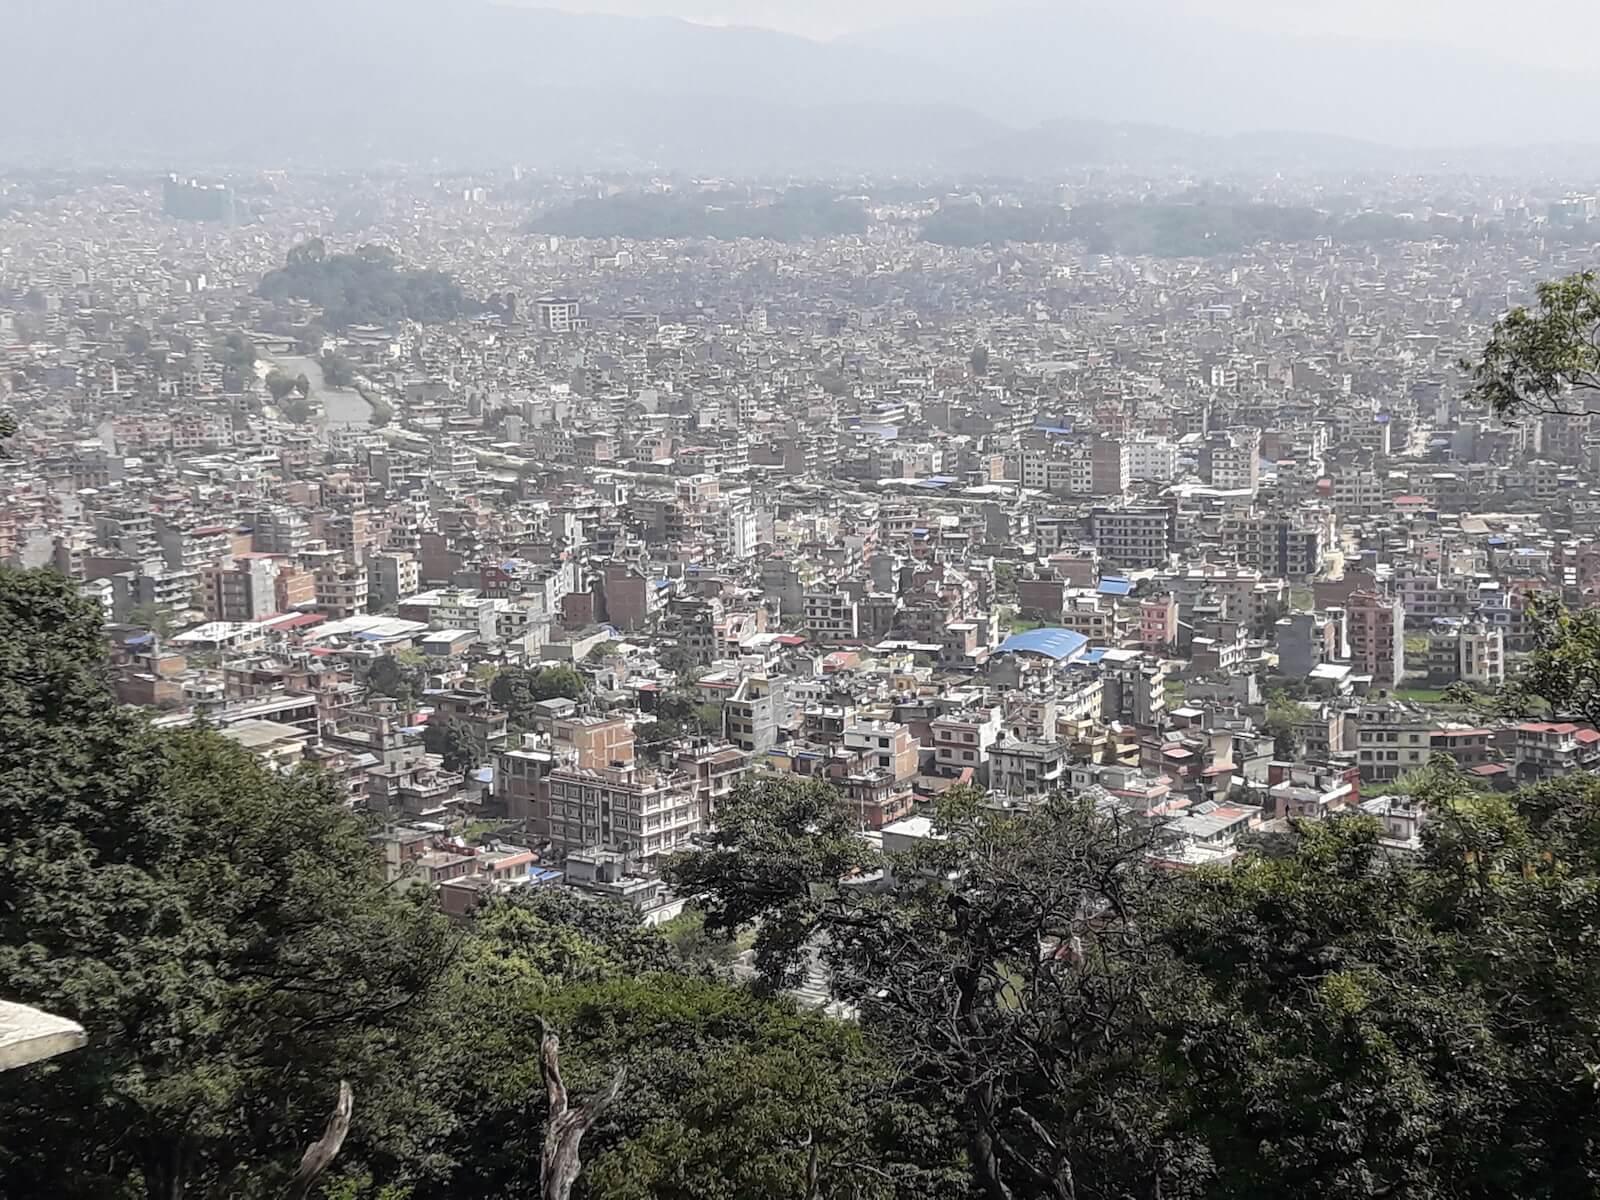 Kathmandu widziane z wzgórza Swajambunath - fot. Jerzy kostrzewa